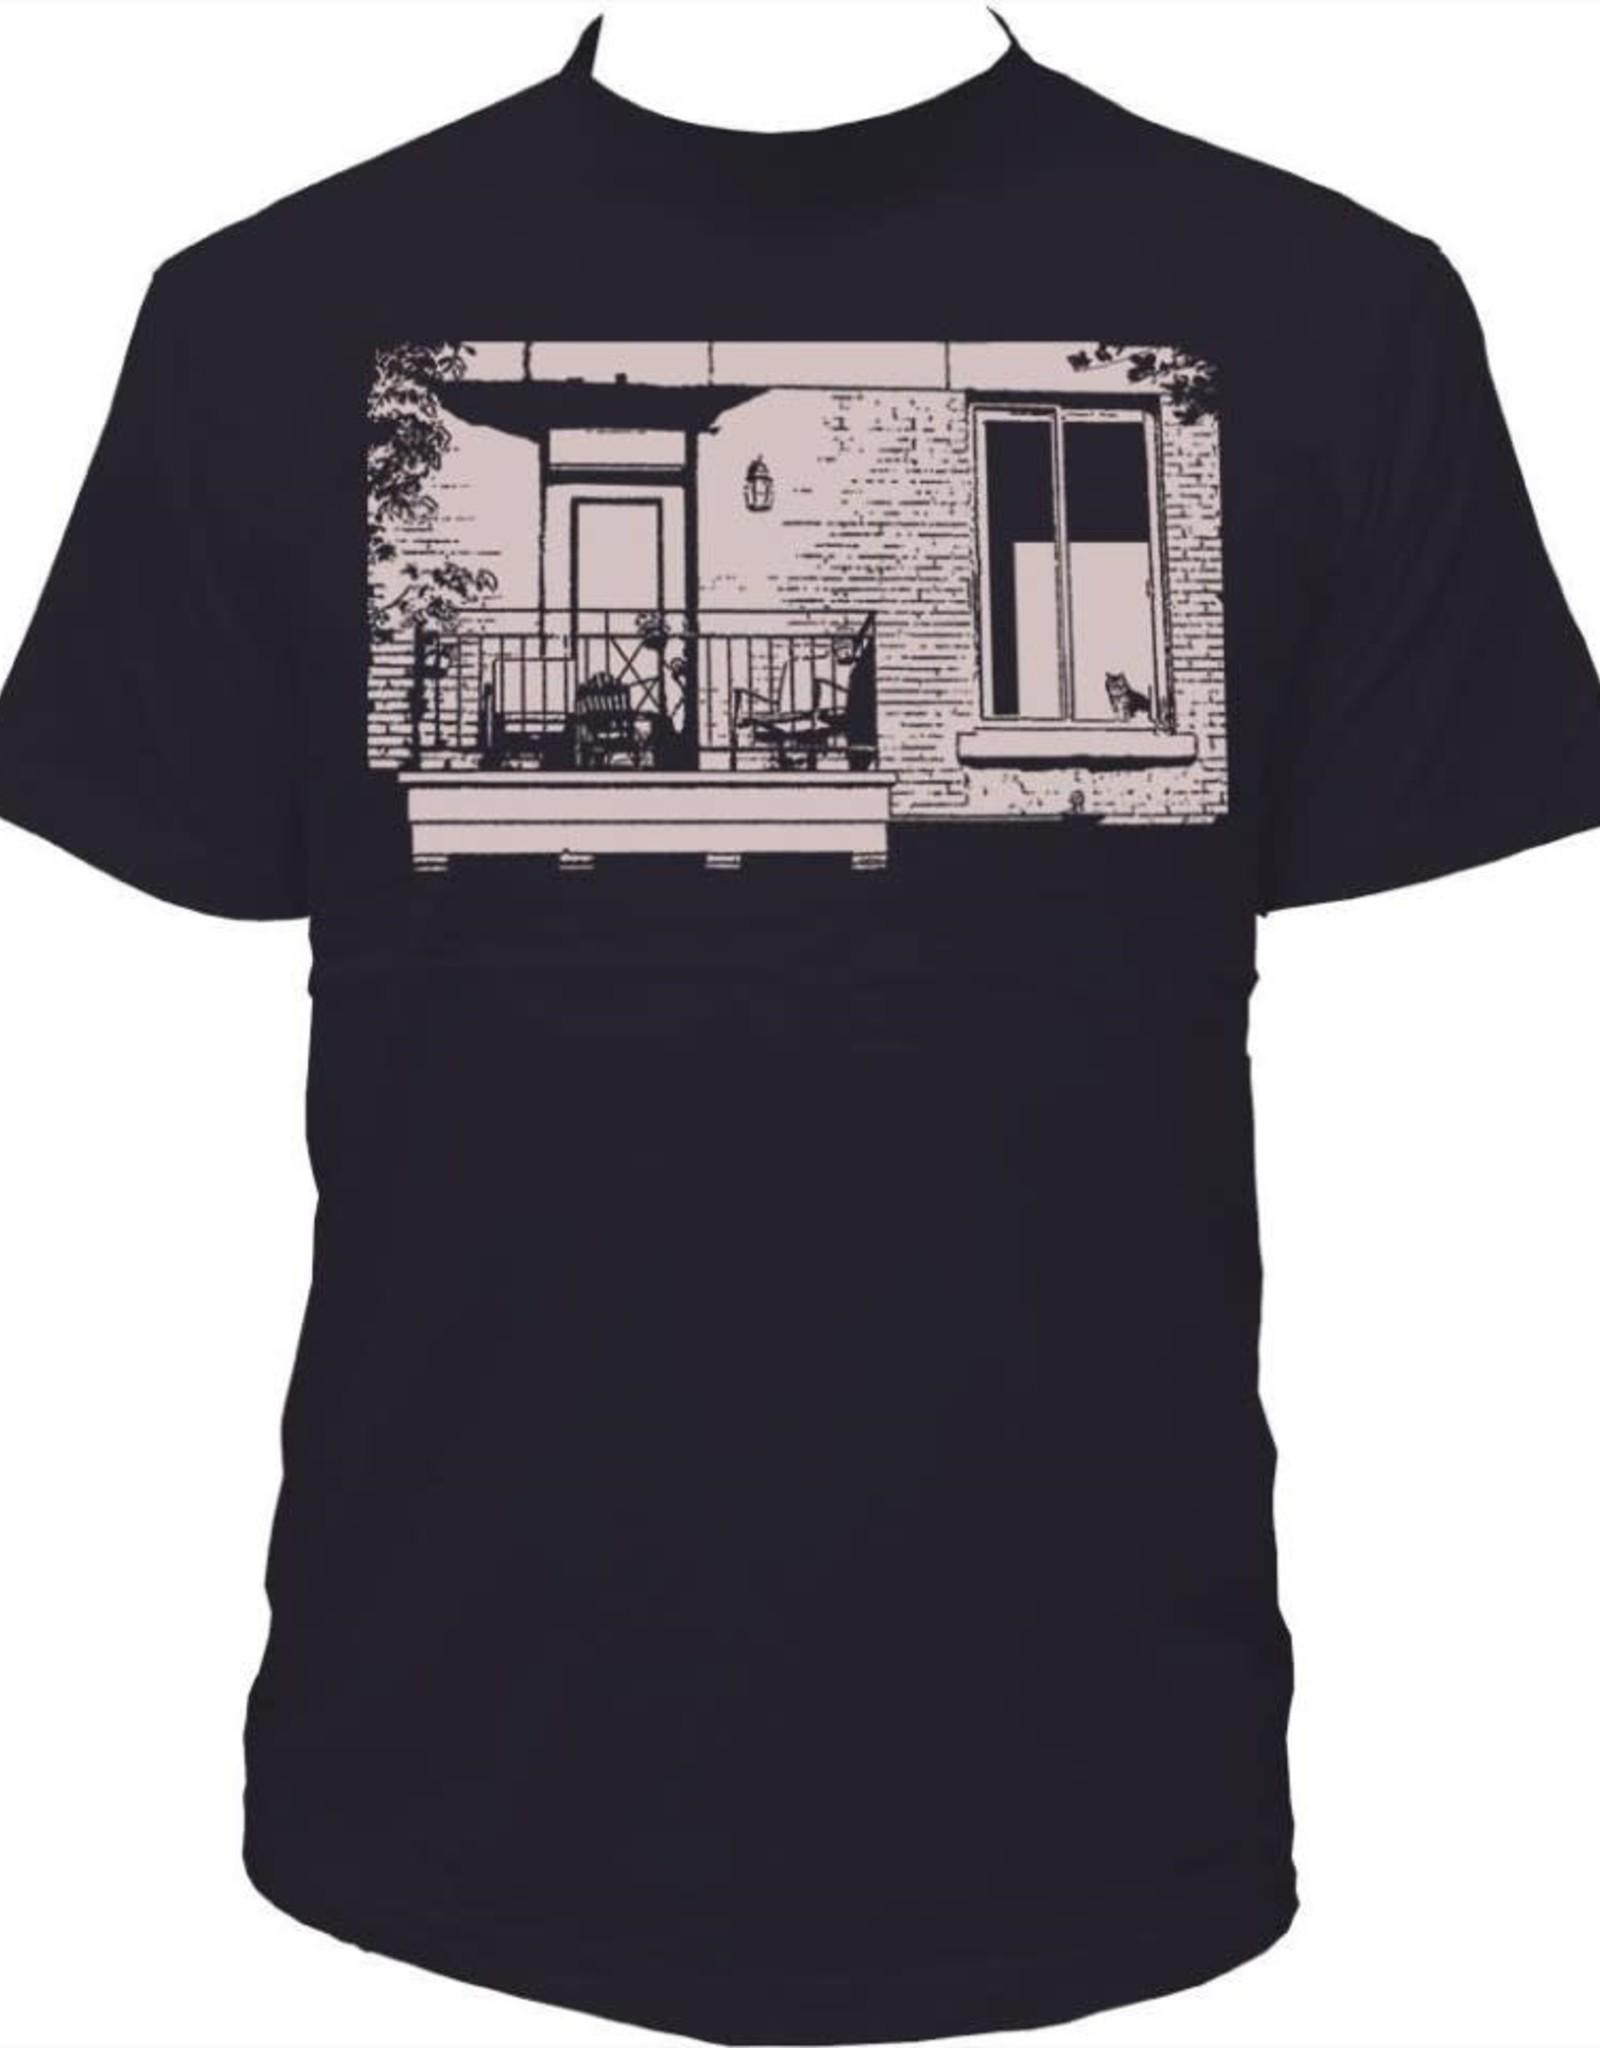 Tresnormale T-Shirt Homme Tresnormale Plateau Chat Gris Fonce